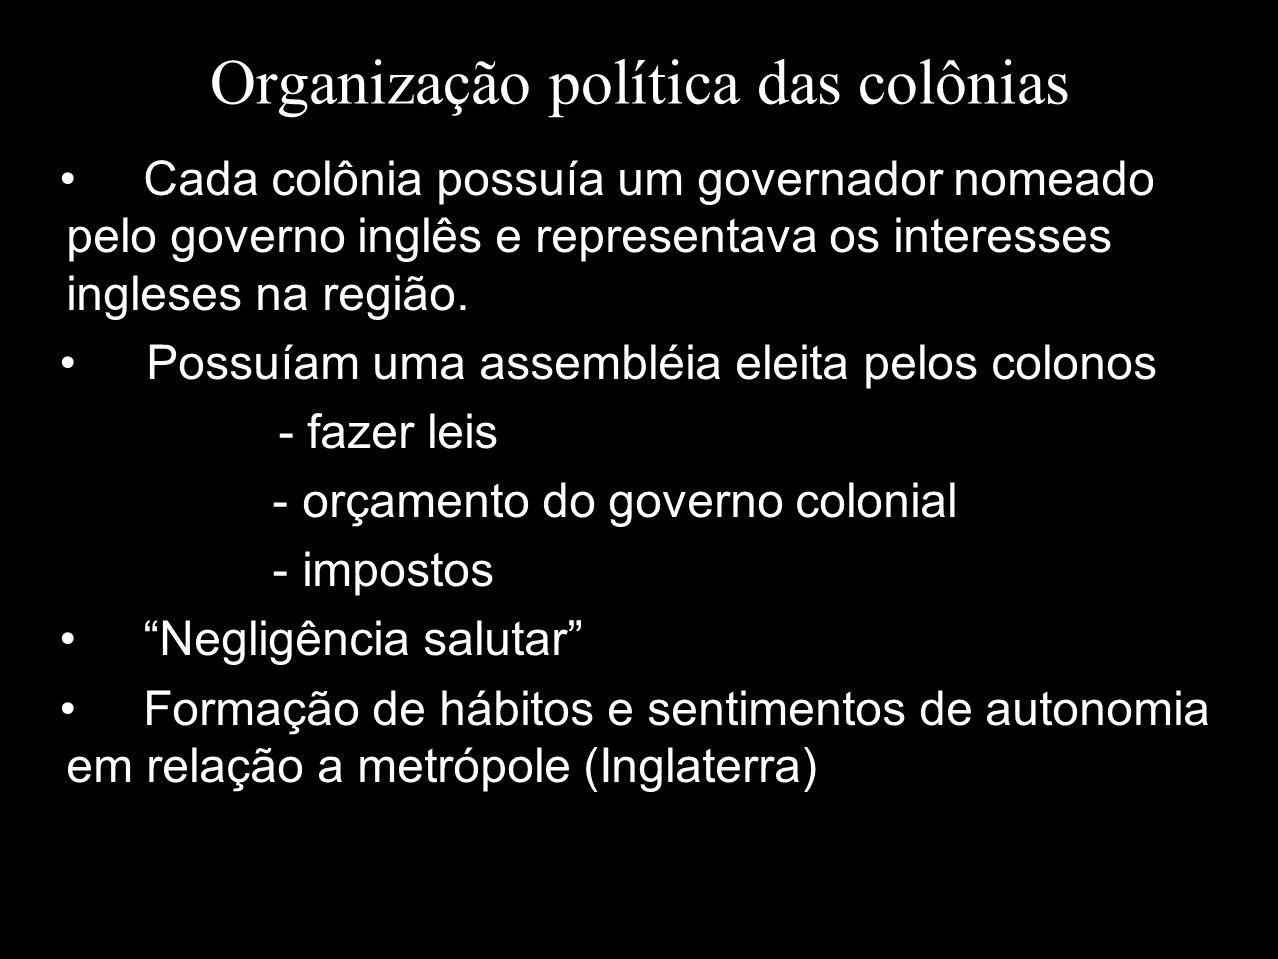 Organização política das colônias